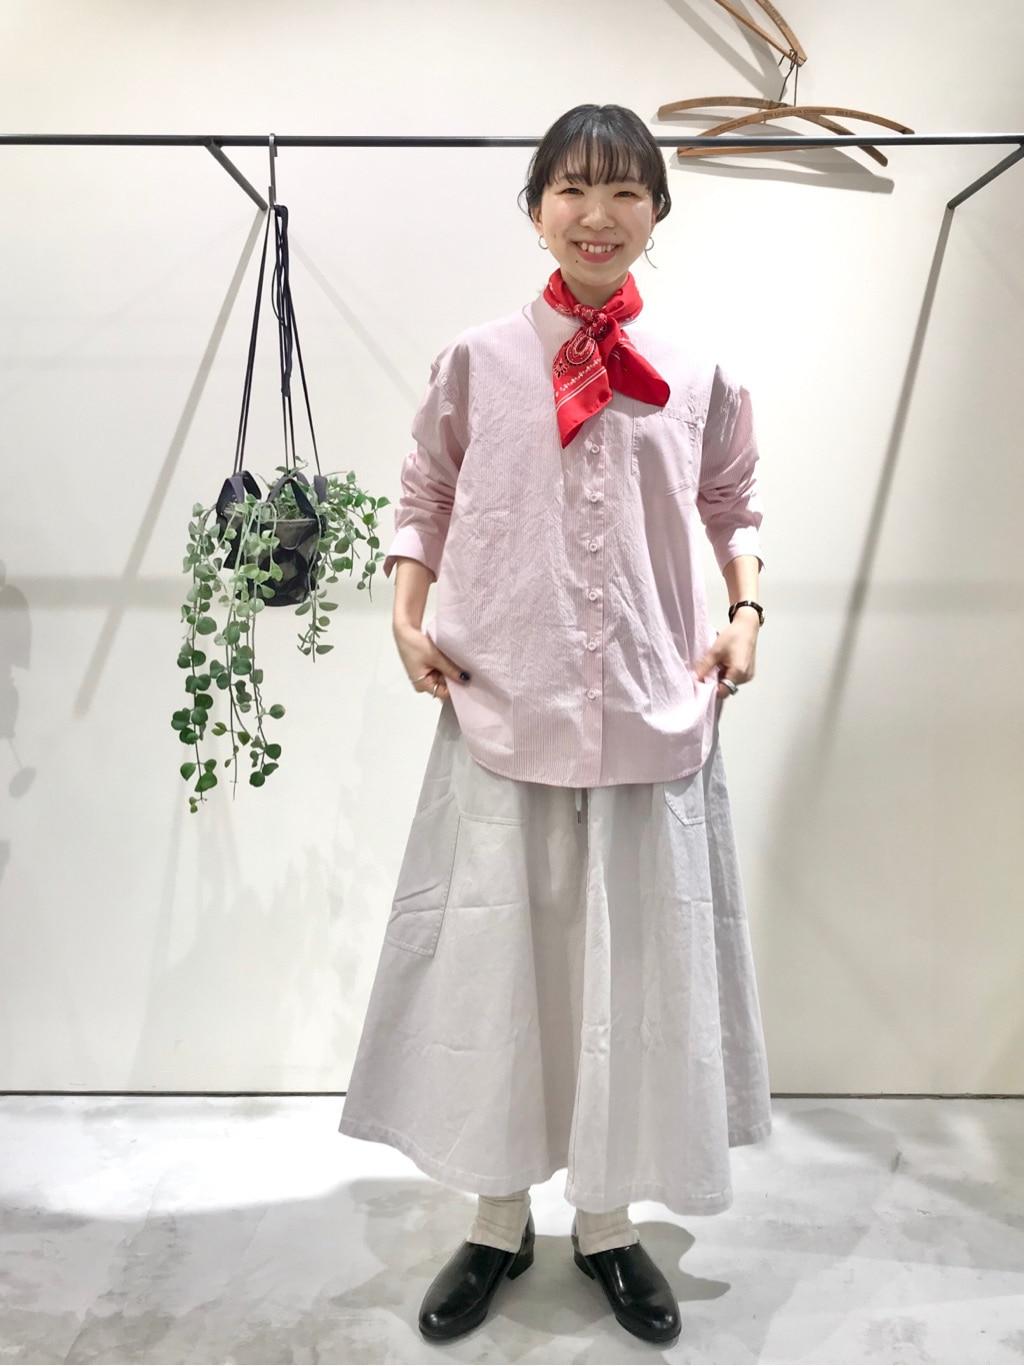 - PAR ICI CHILD WOMAN , PAR ICI ルミネ池袋 身長:154cm 2021.05.01